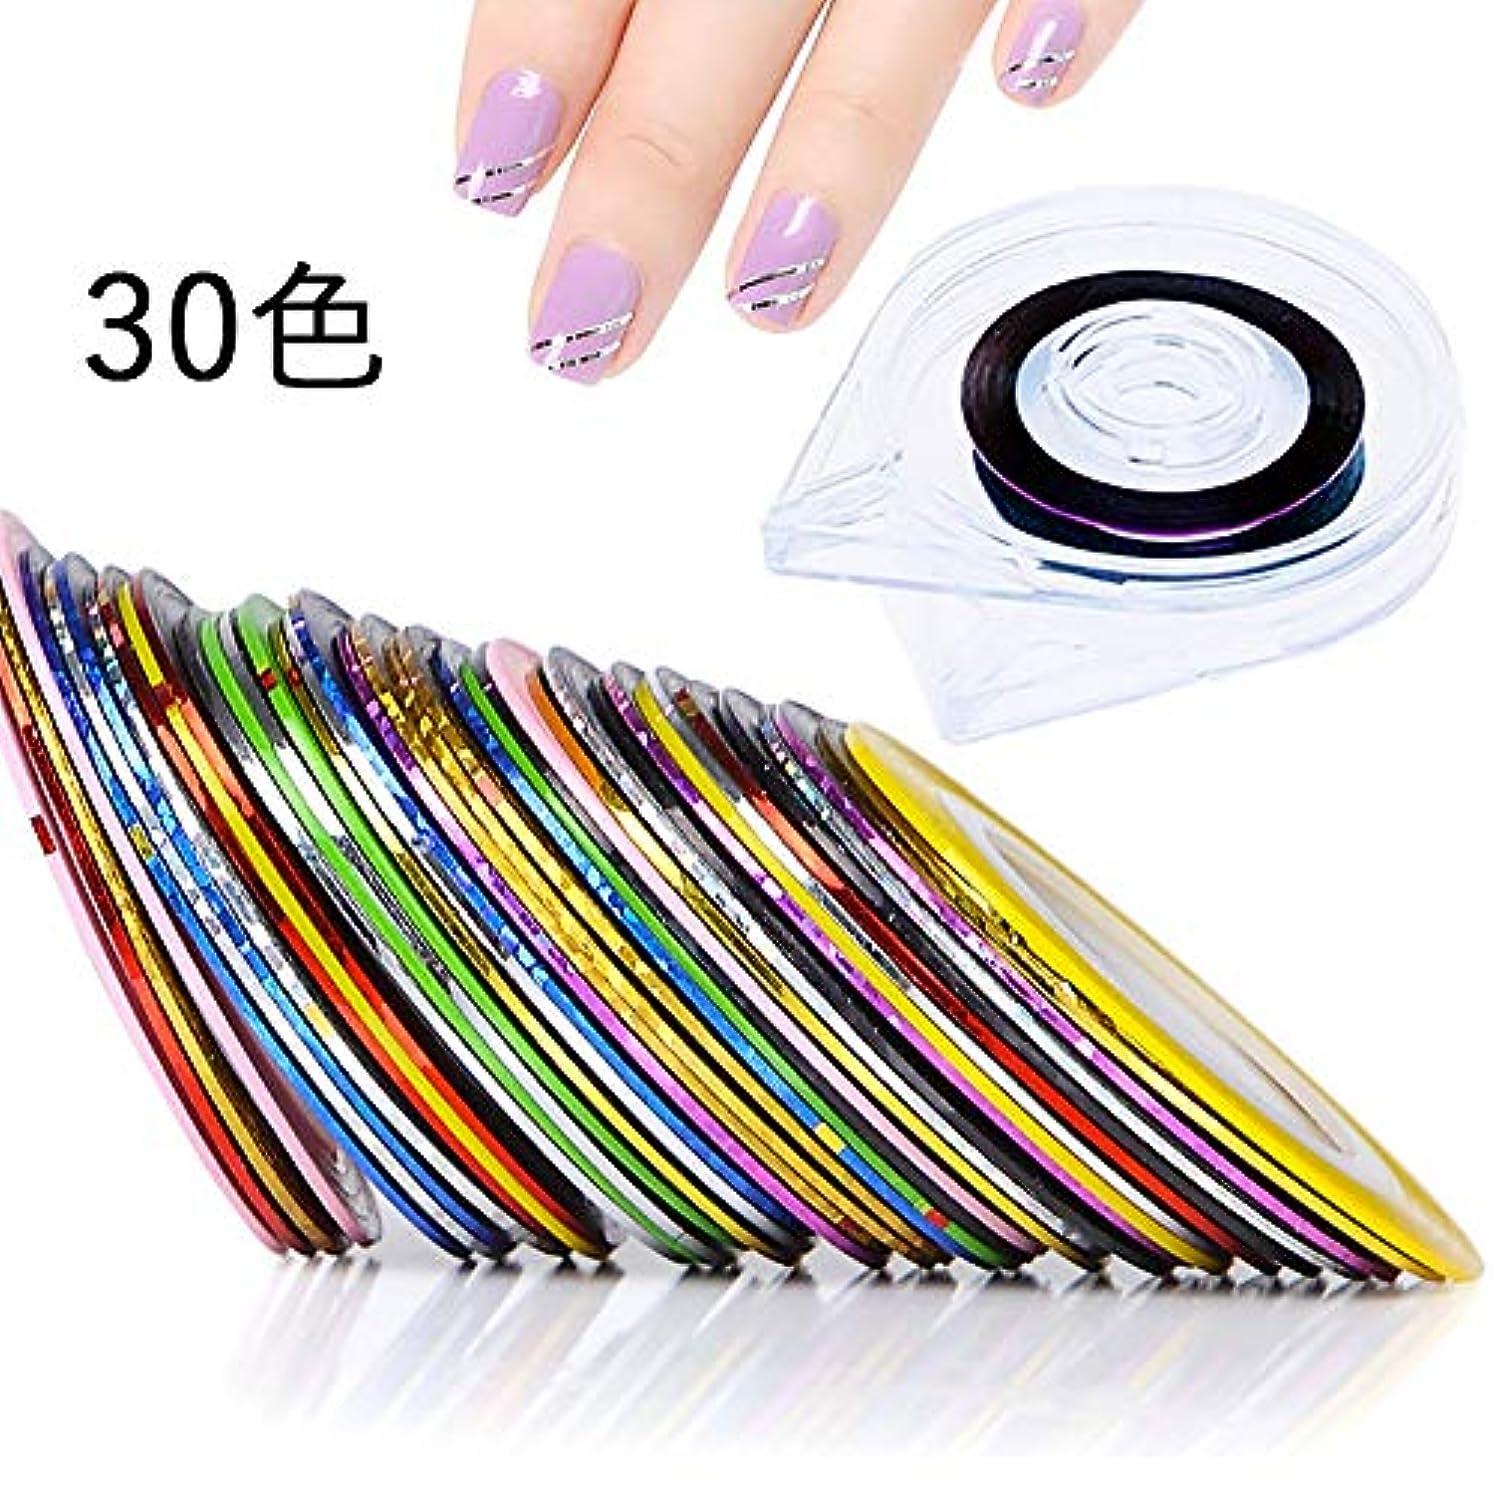 億受け入れ論争30色セット ネイルアート用 ラインテープ シート ジェルネイル用 マニキュア セット 1mm幅 専用ケース2個付き